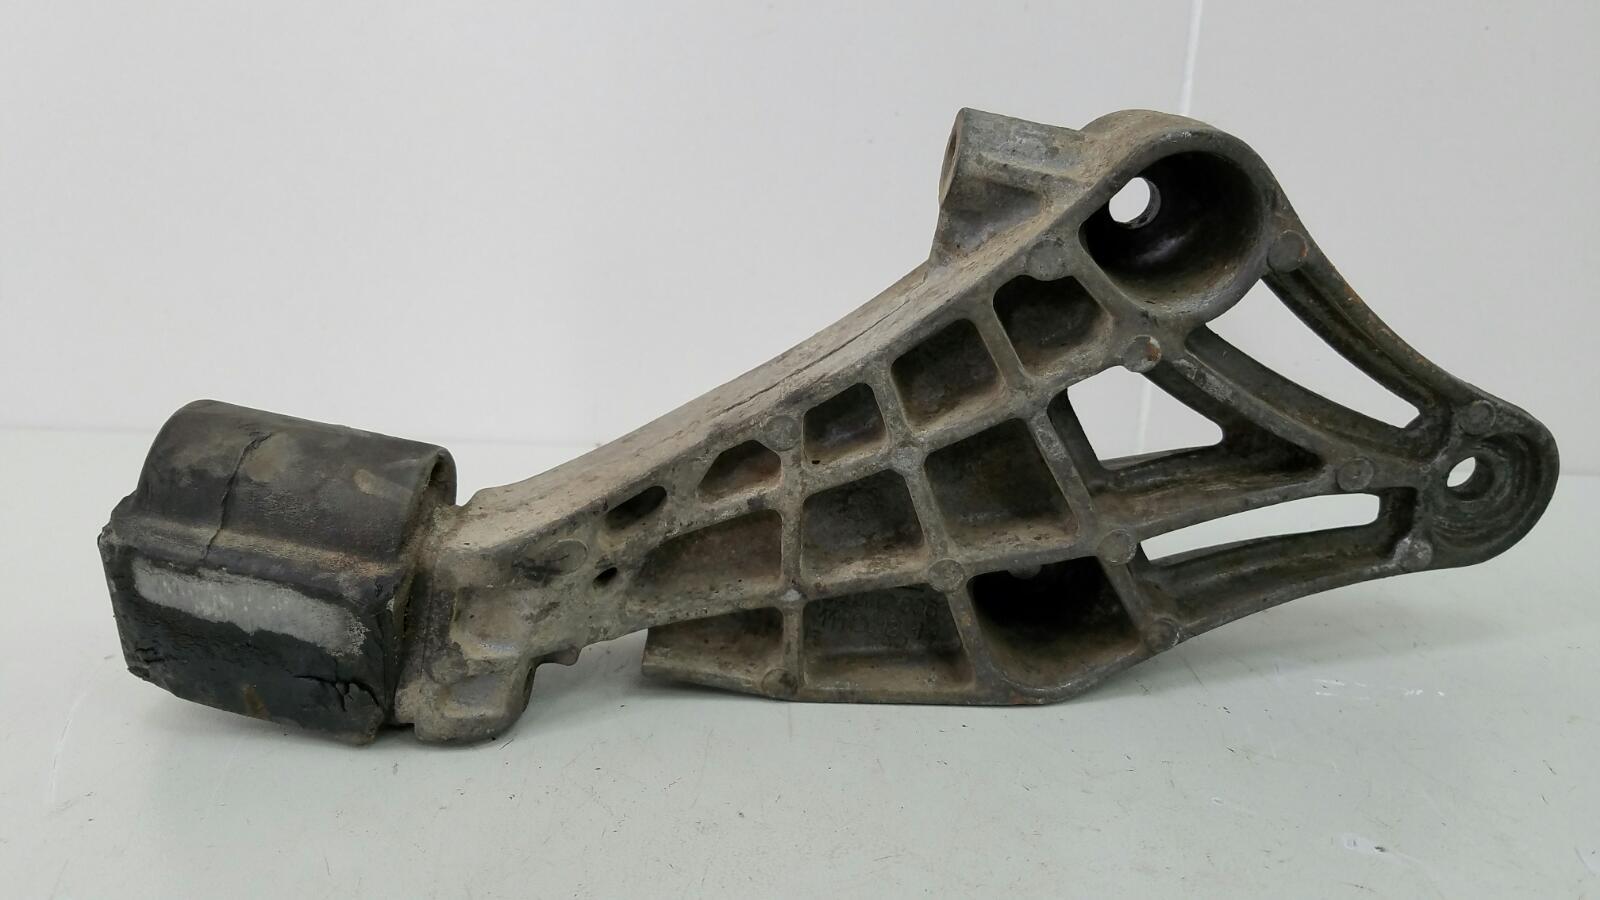 Крепление кронштейн двигателя двс опоры Opel Vectra A 86_ C18NZ 1.8Л 1992г правое